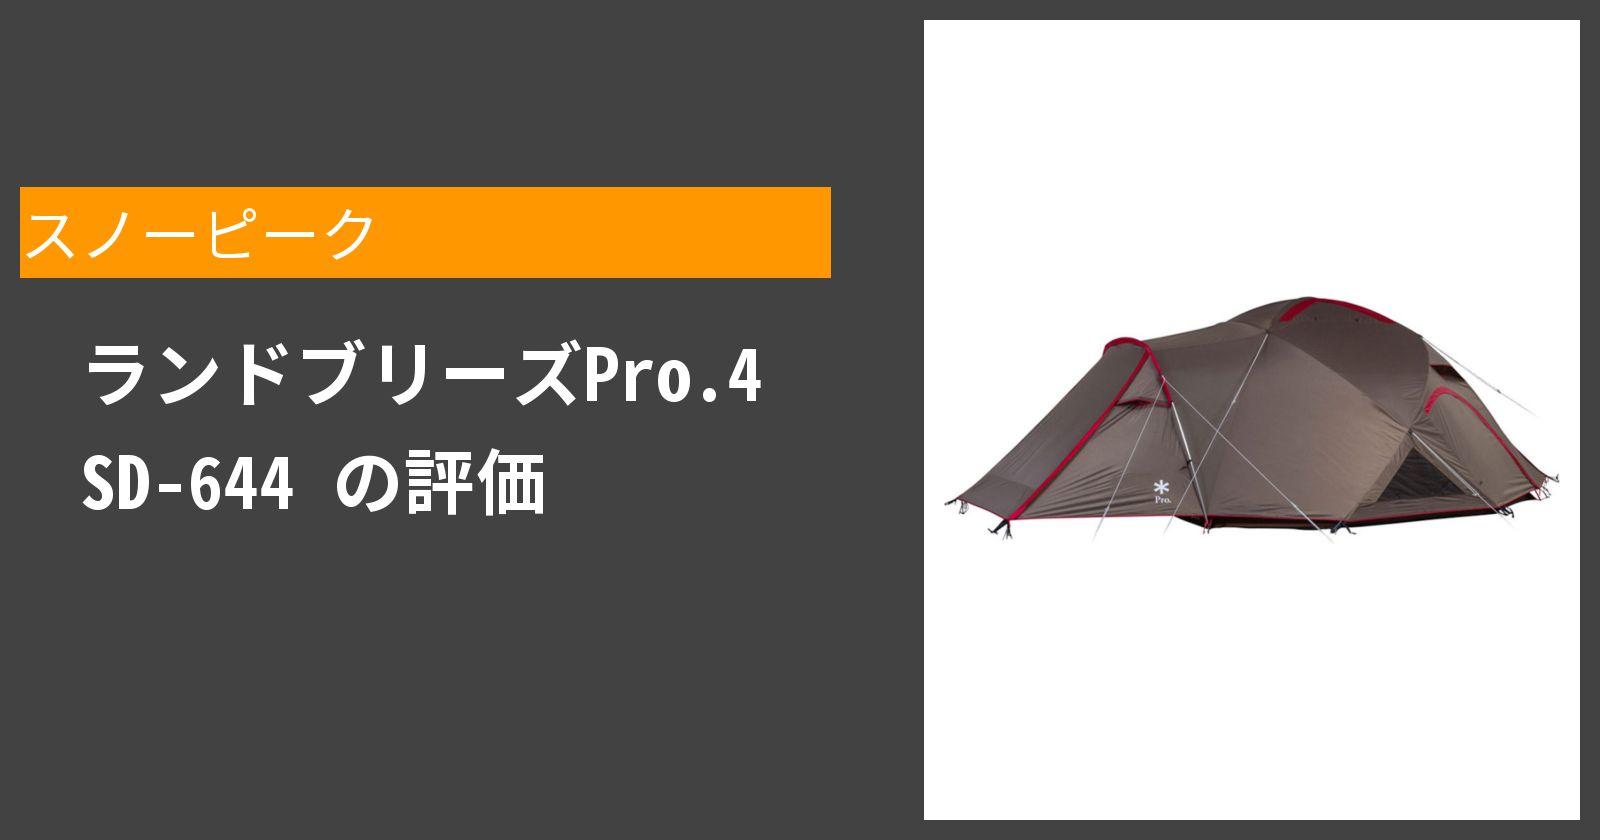 ランドブリーズPro.4 SD-644を徹底評価